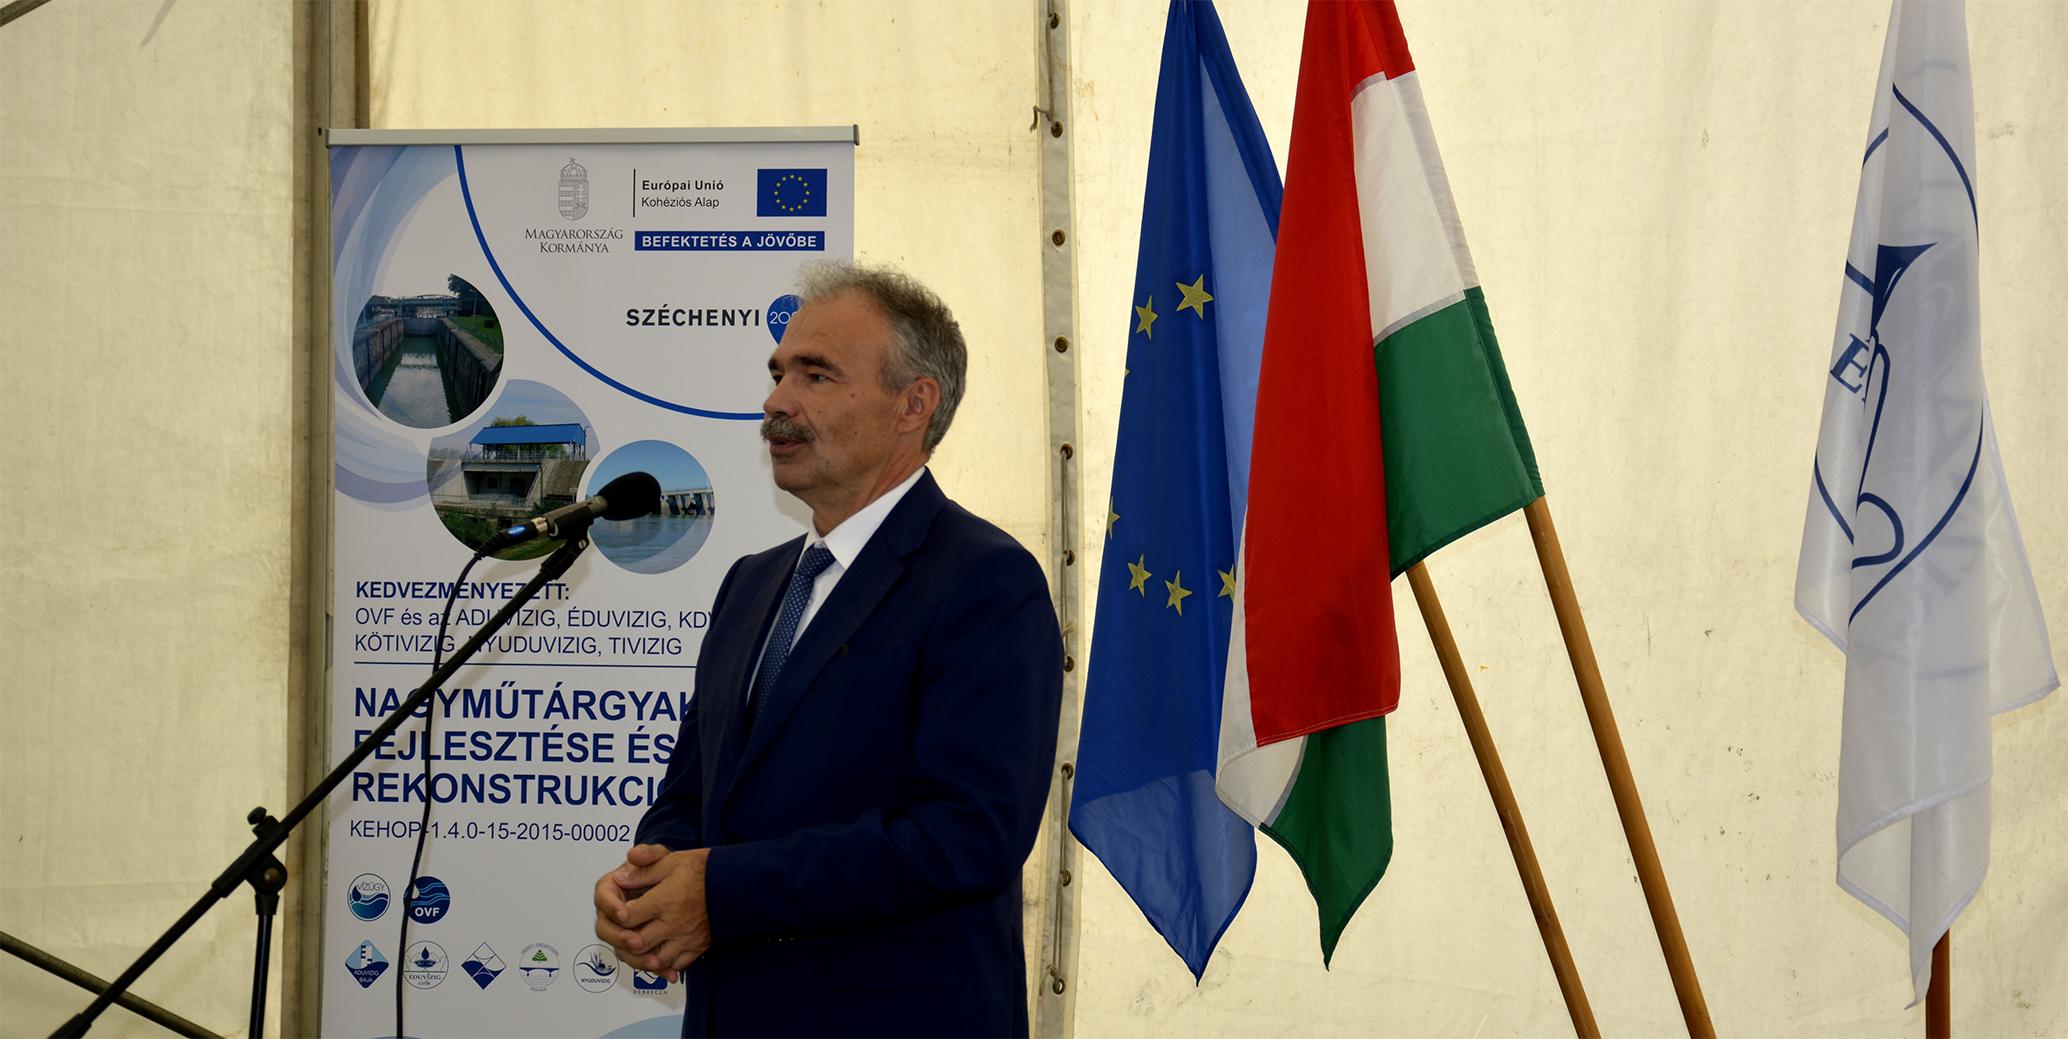 vízi mútárgyak fejlesztése projektnyitó rendezvény - Nagy István agrárminiszter, országgyűlési képviselő